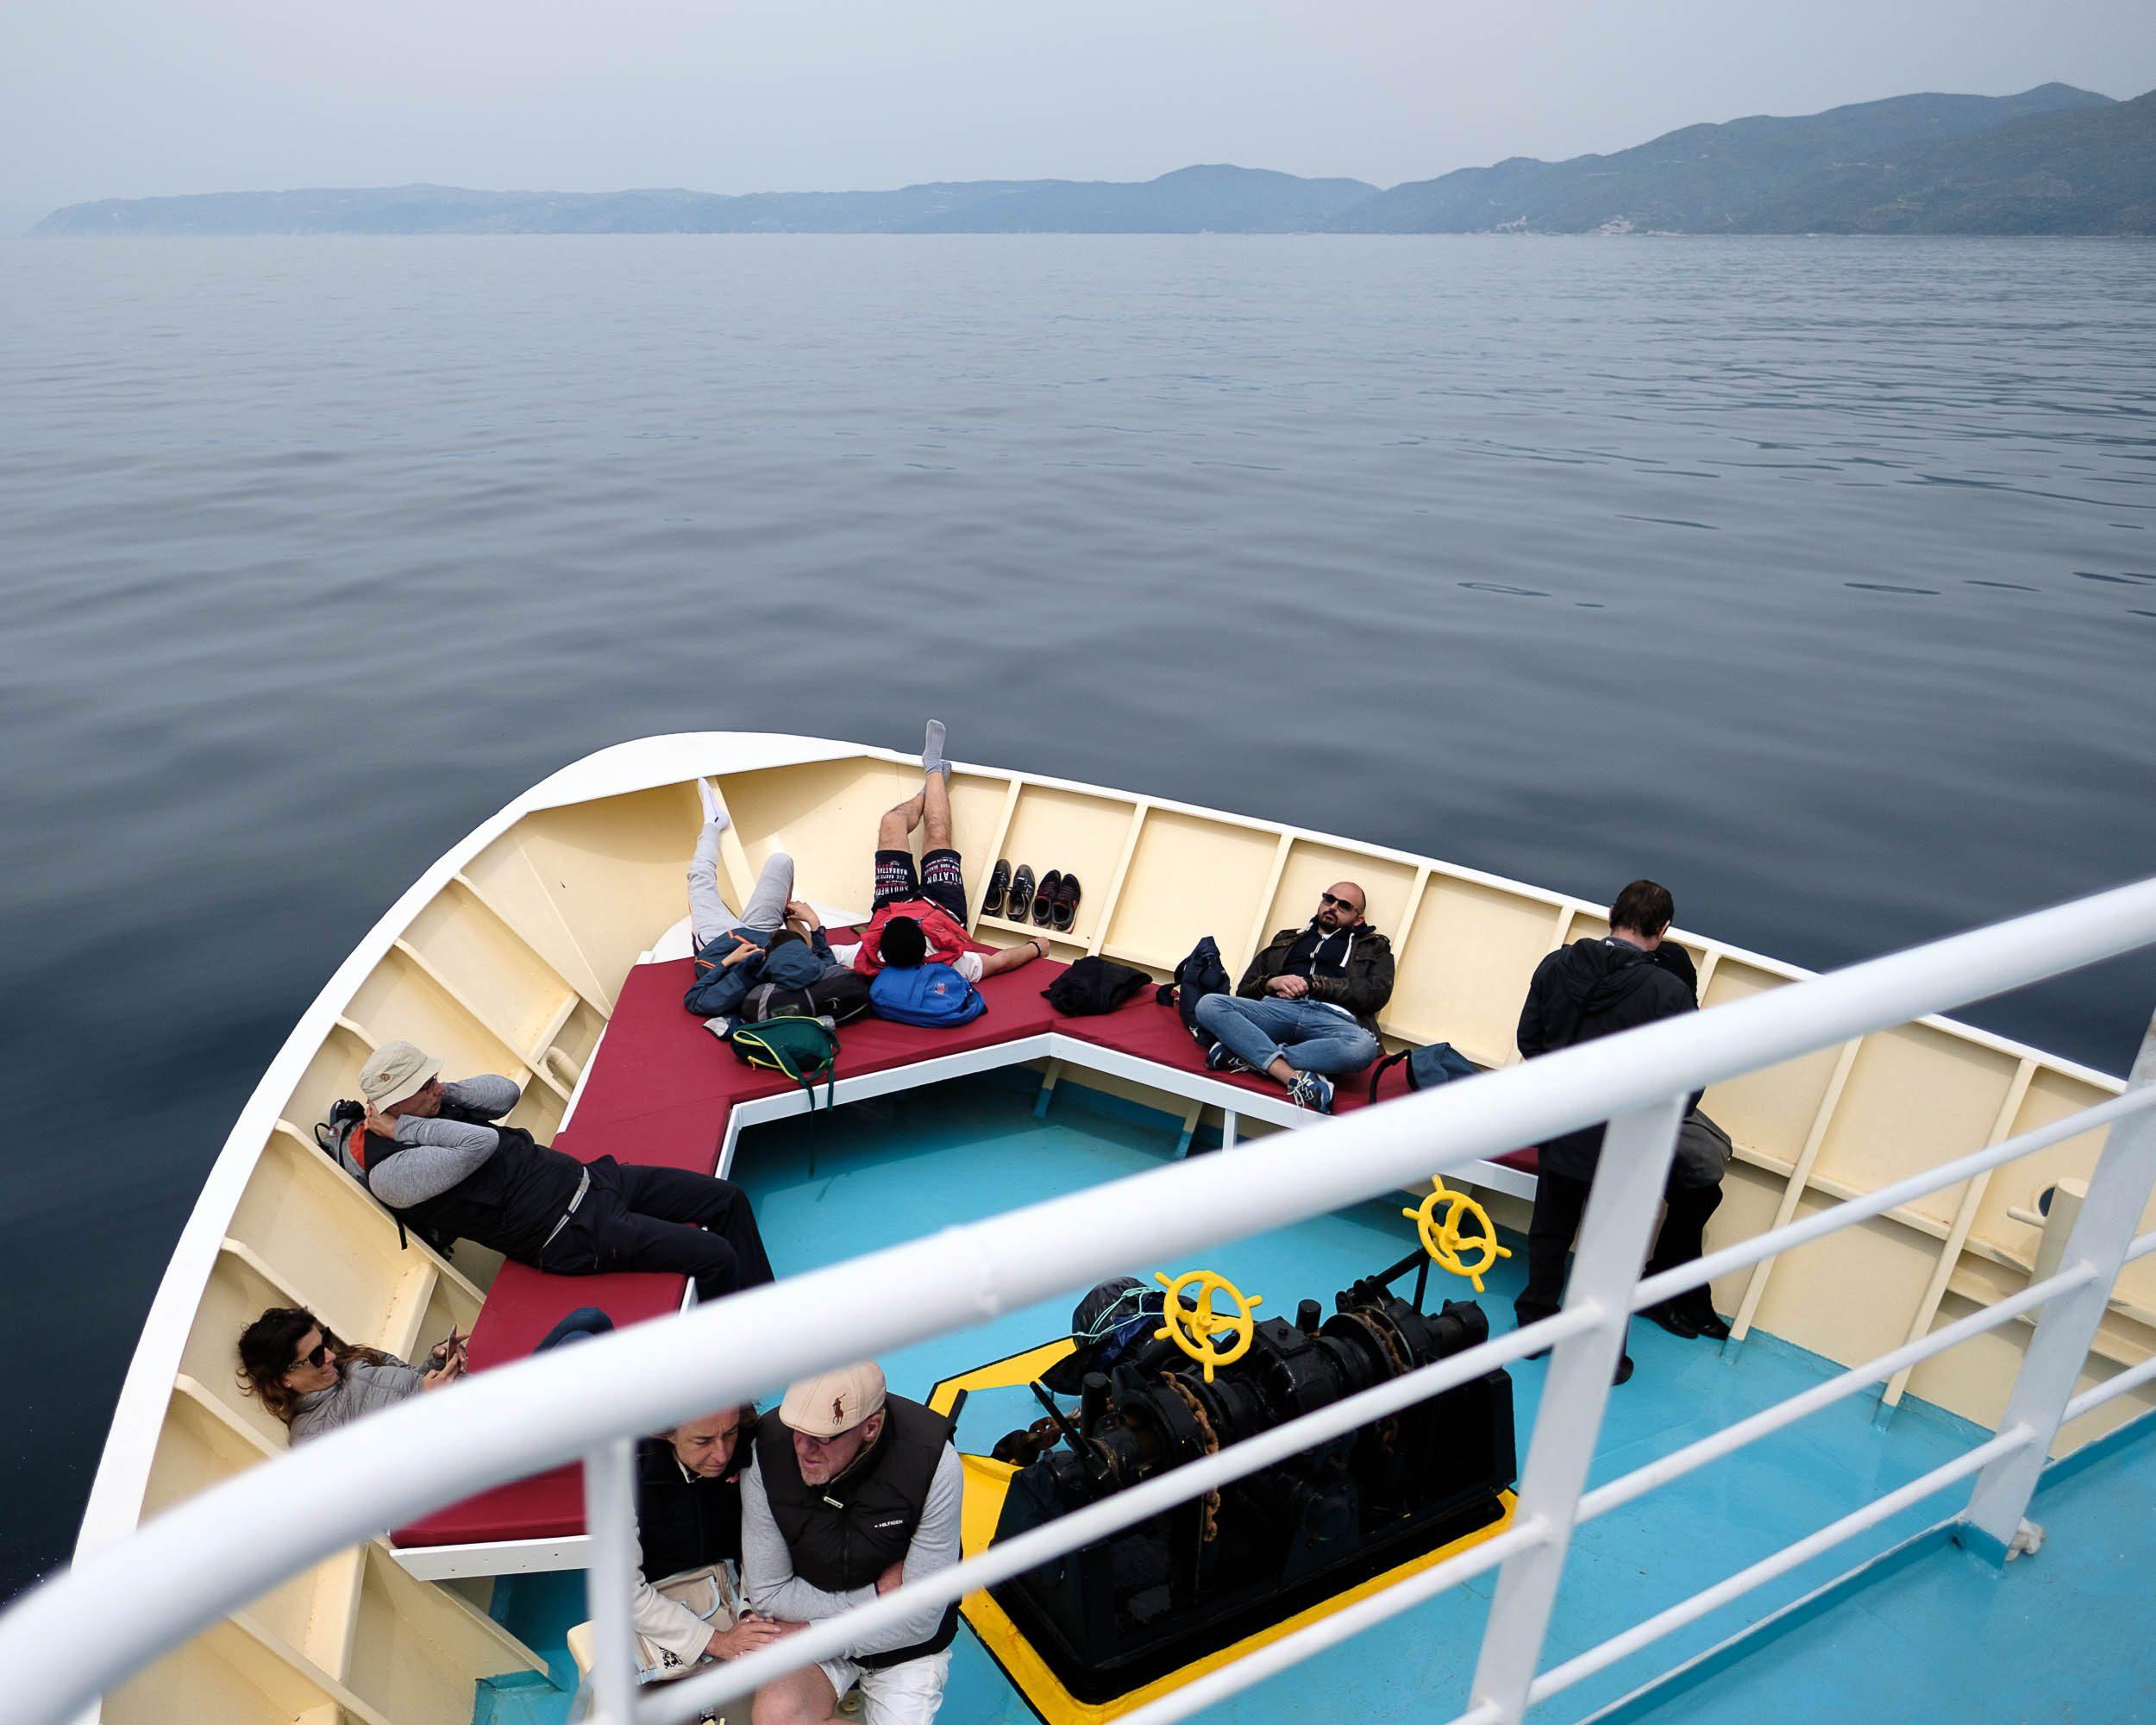 Schifffahrt Ägäis Mönchsrepublik Athos, Griechenland, Ägäis